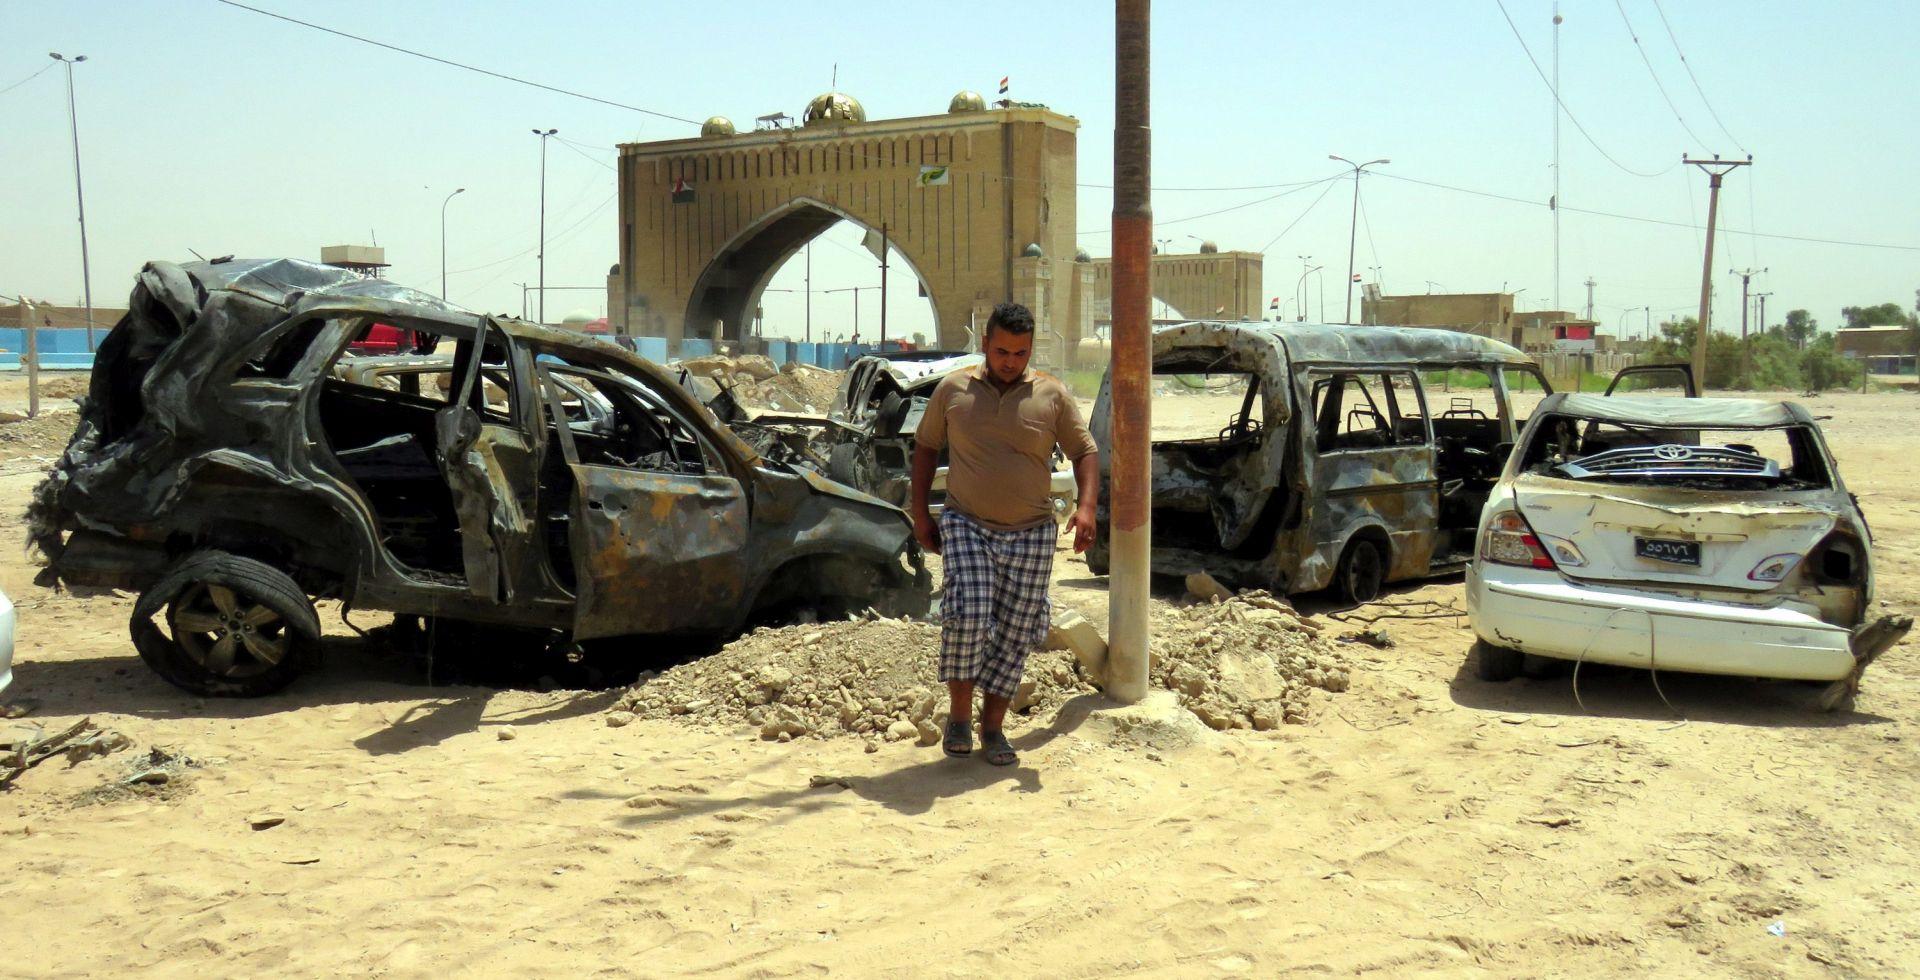 BOMBAŠKI NAPAD: U Bagdadu desetero poginulih, više od 27 ozlijeđenih